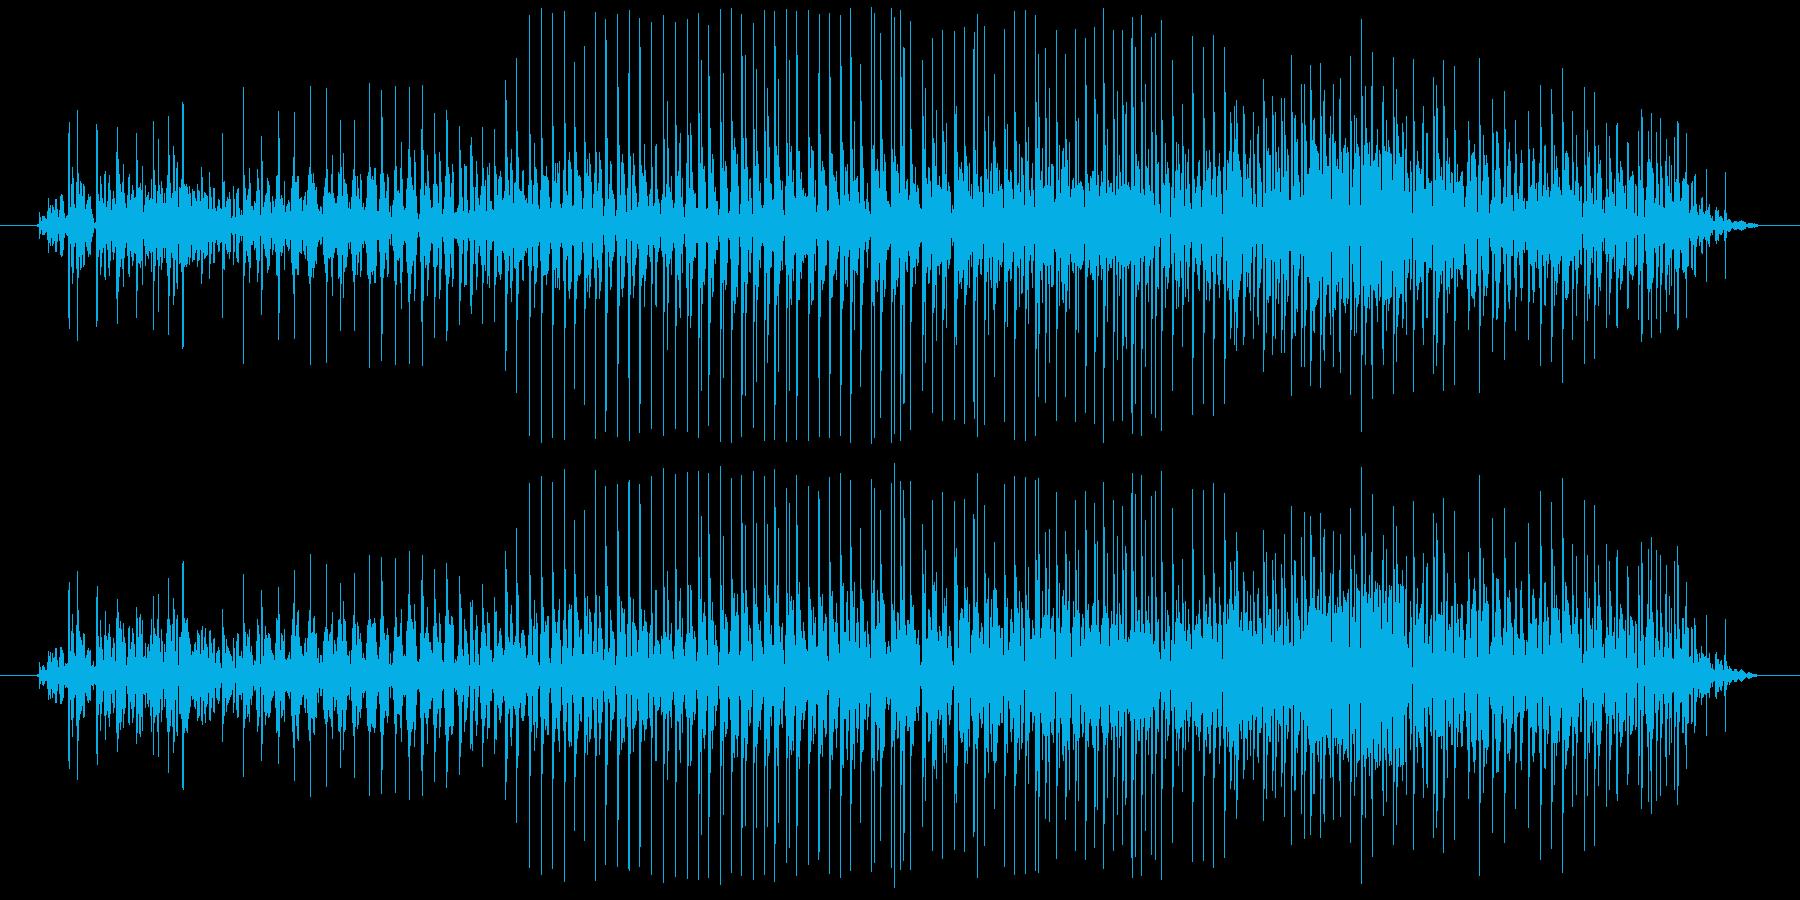 ジイイイイイイ。(ジッパーの音)の再生済みの波形